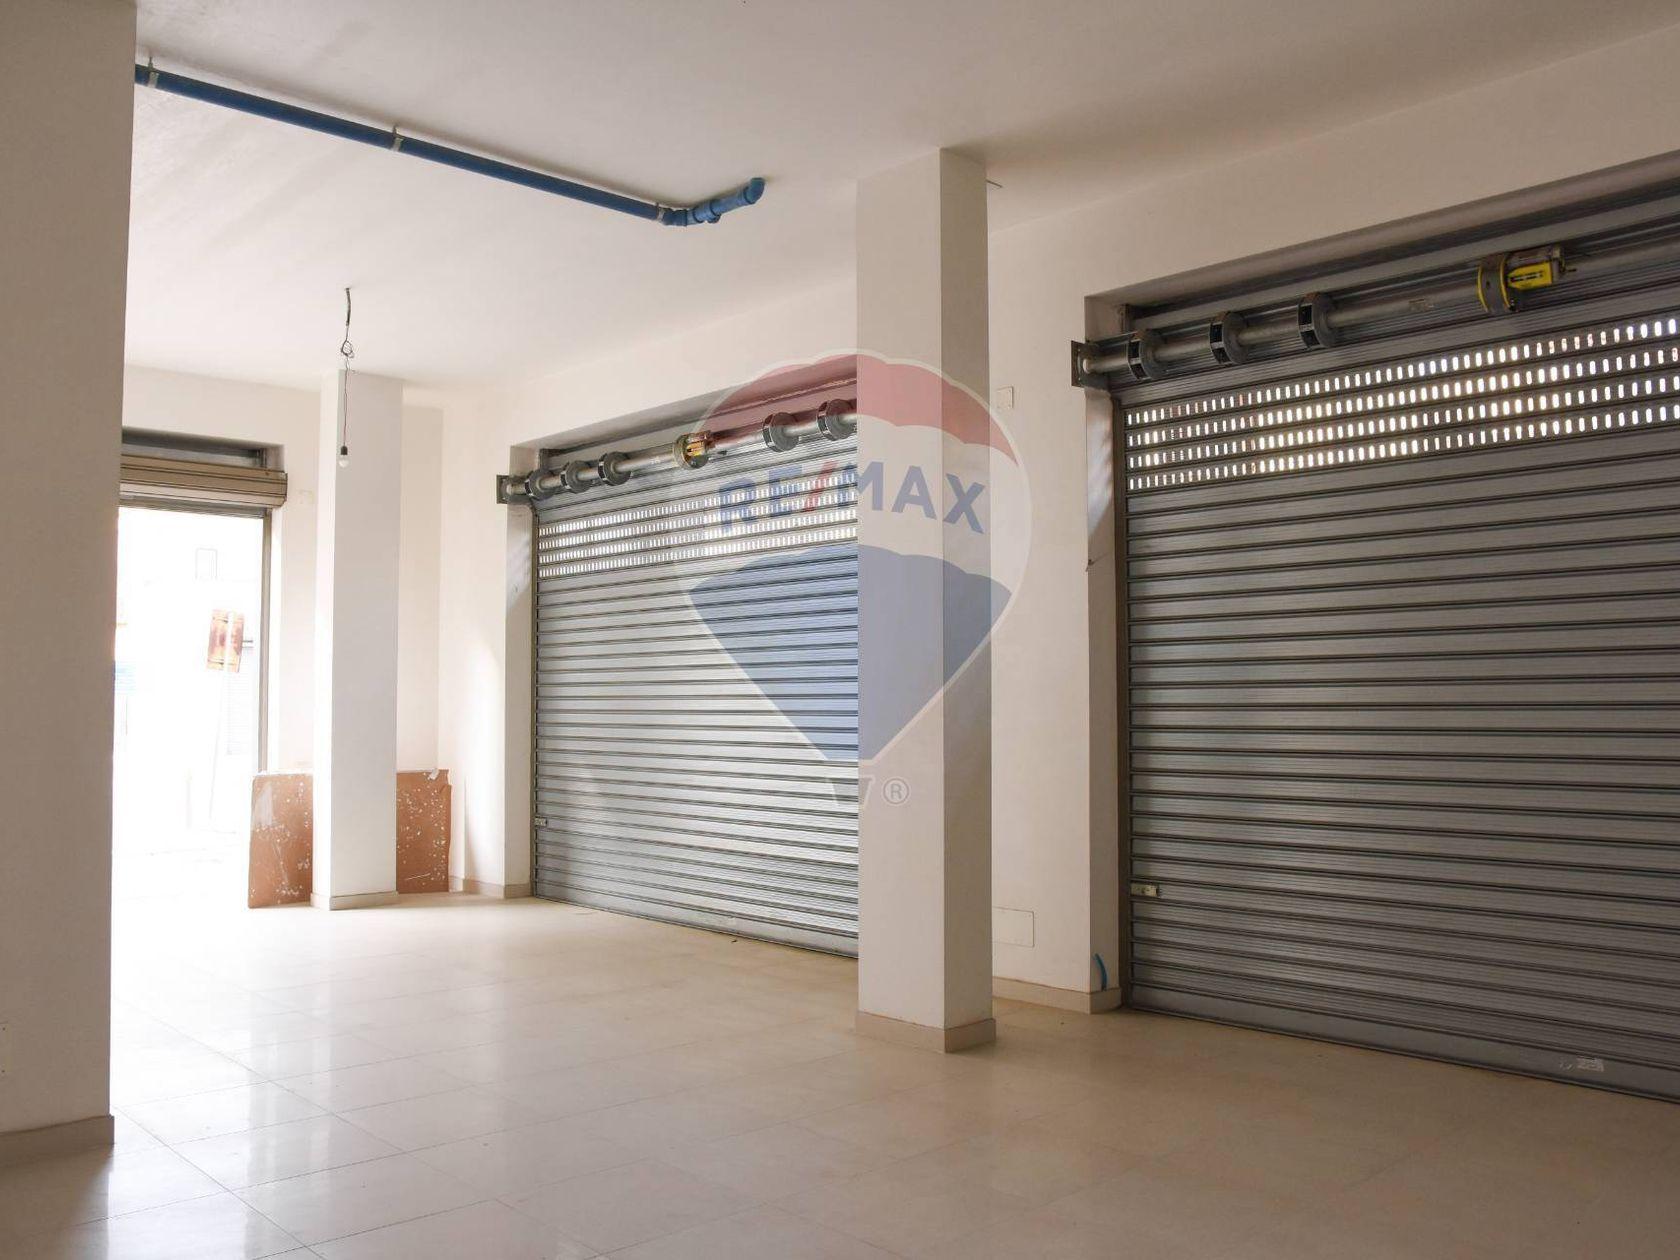 Locale Commerciale Rutigliano, BA Vendita - Foto 6